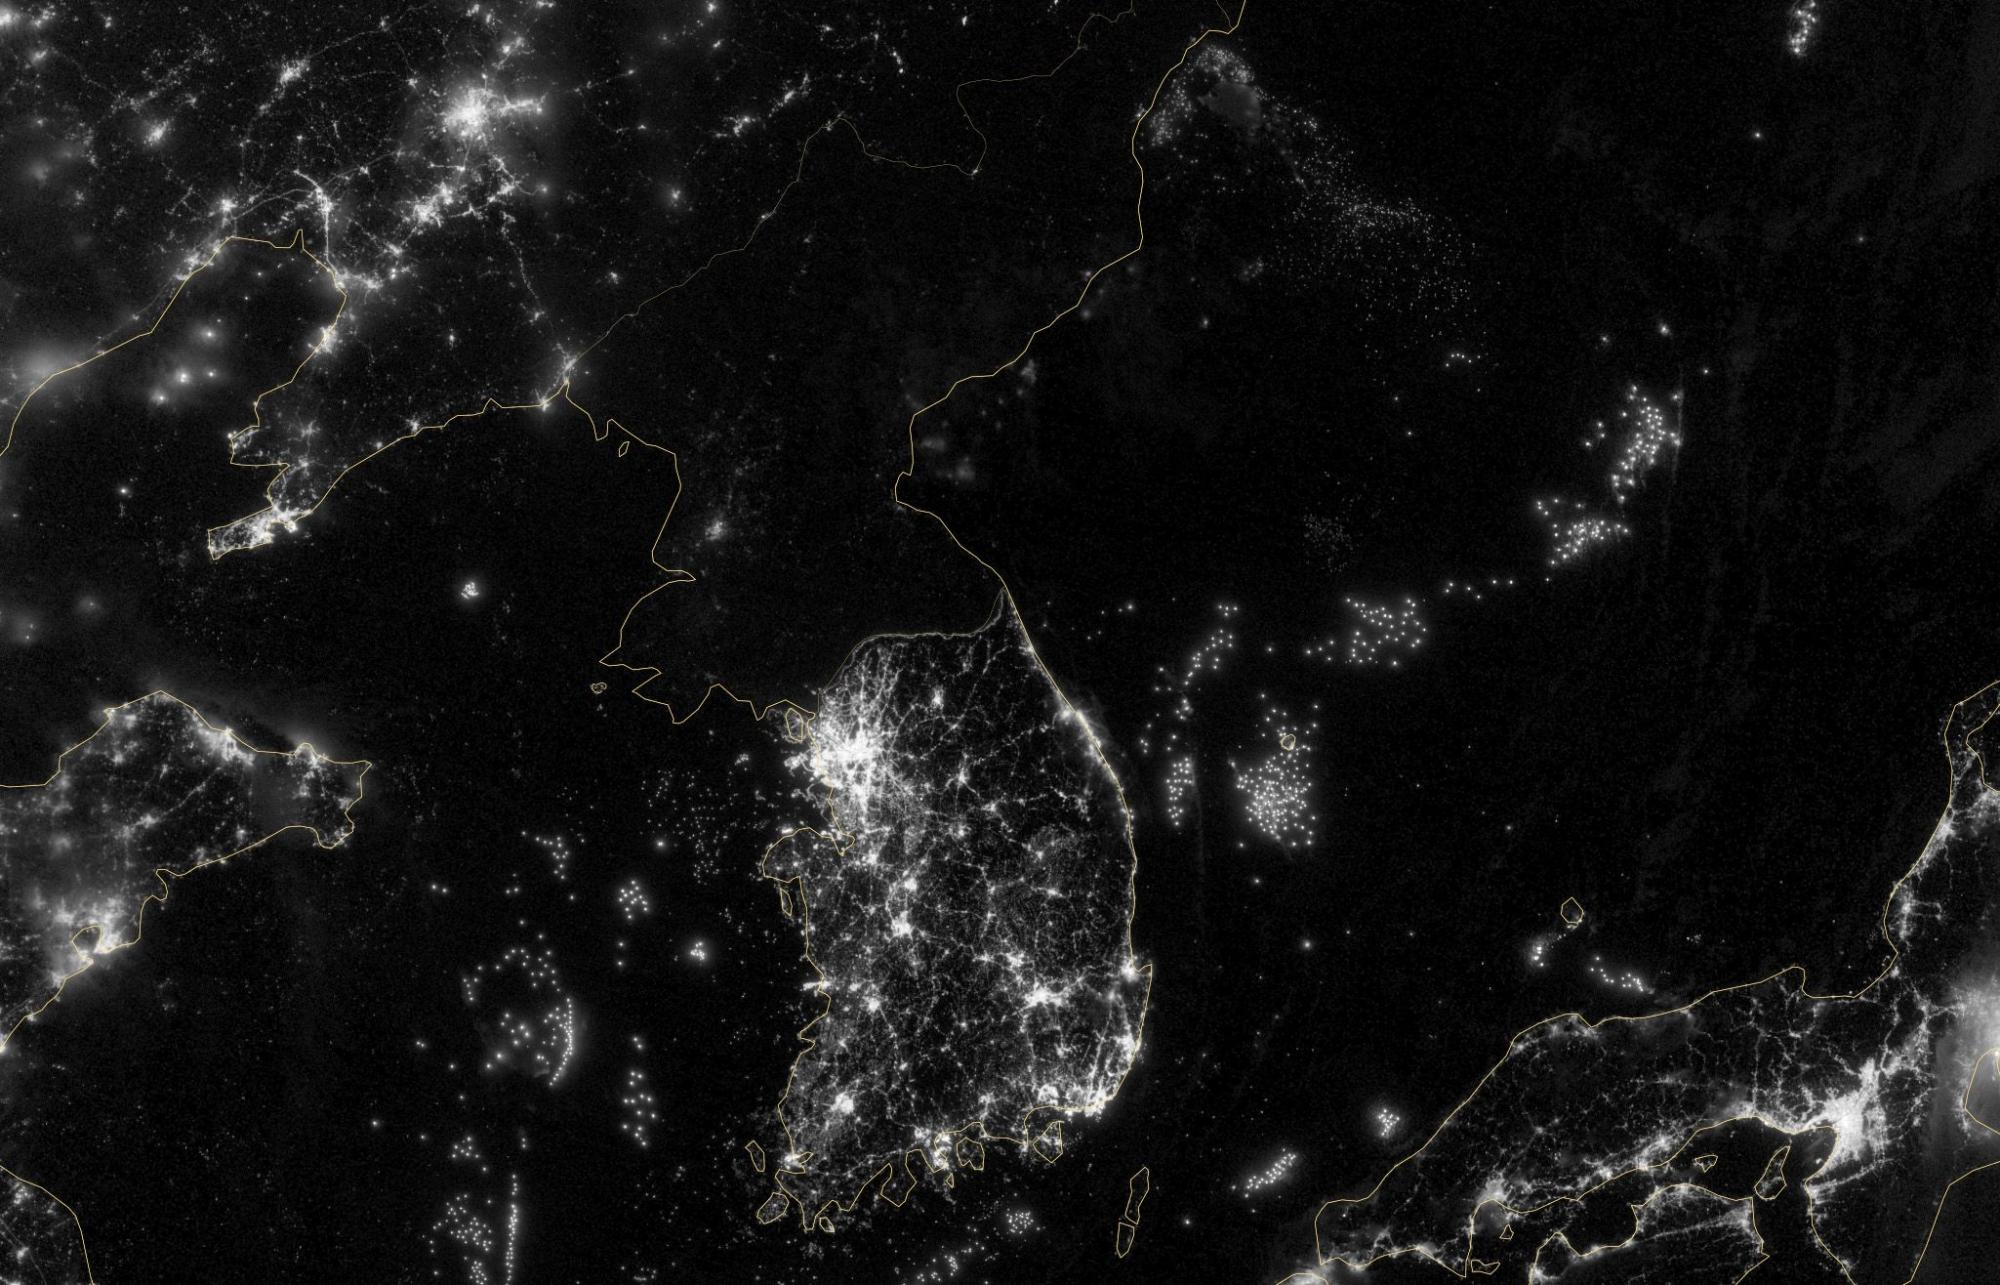 фото из космоса северной и южной кореи грамотно расположенный